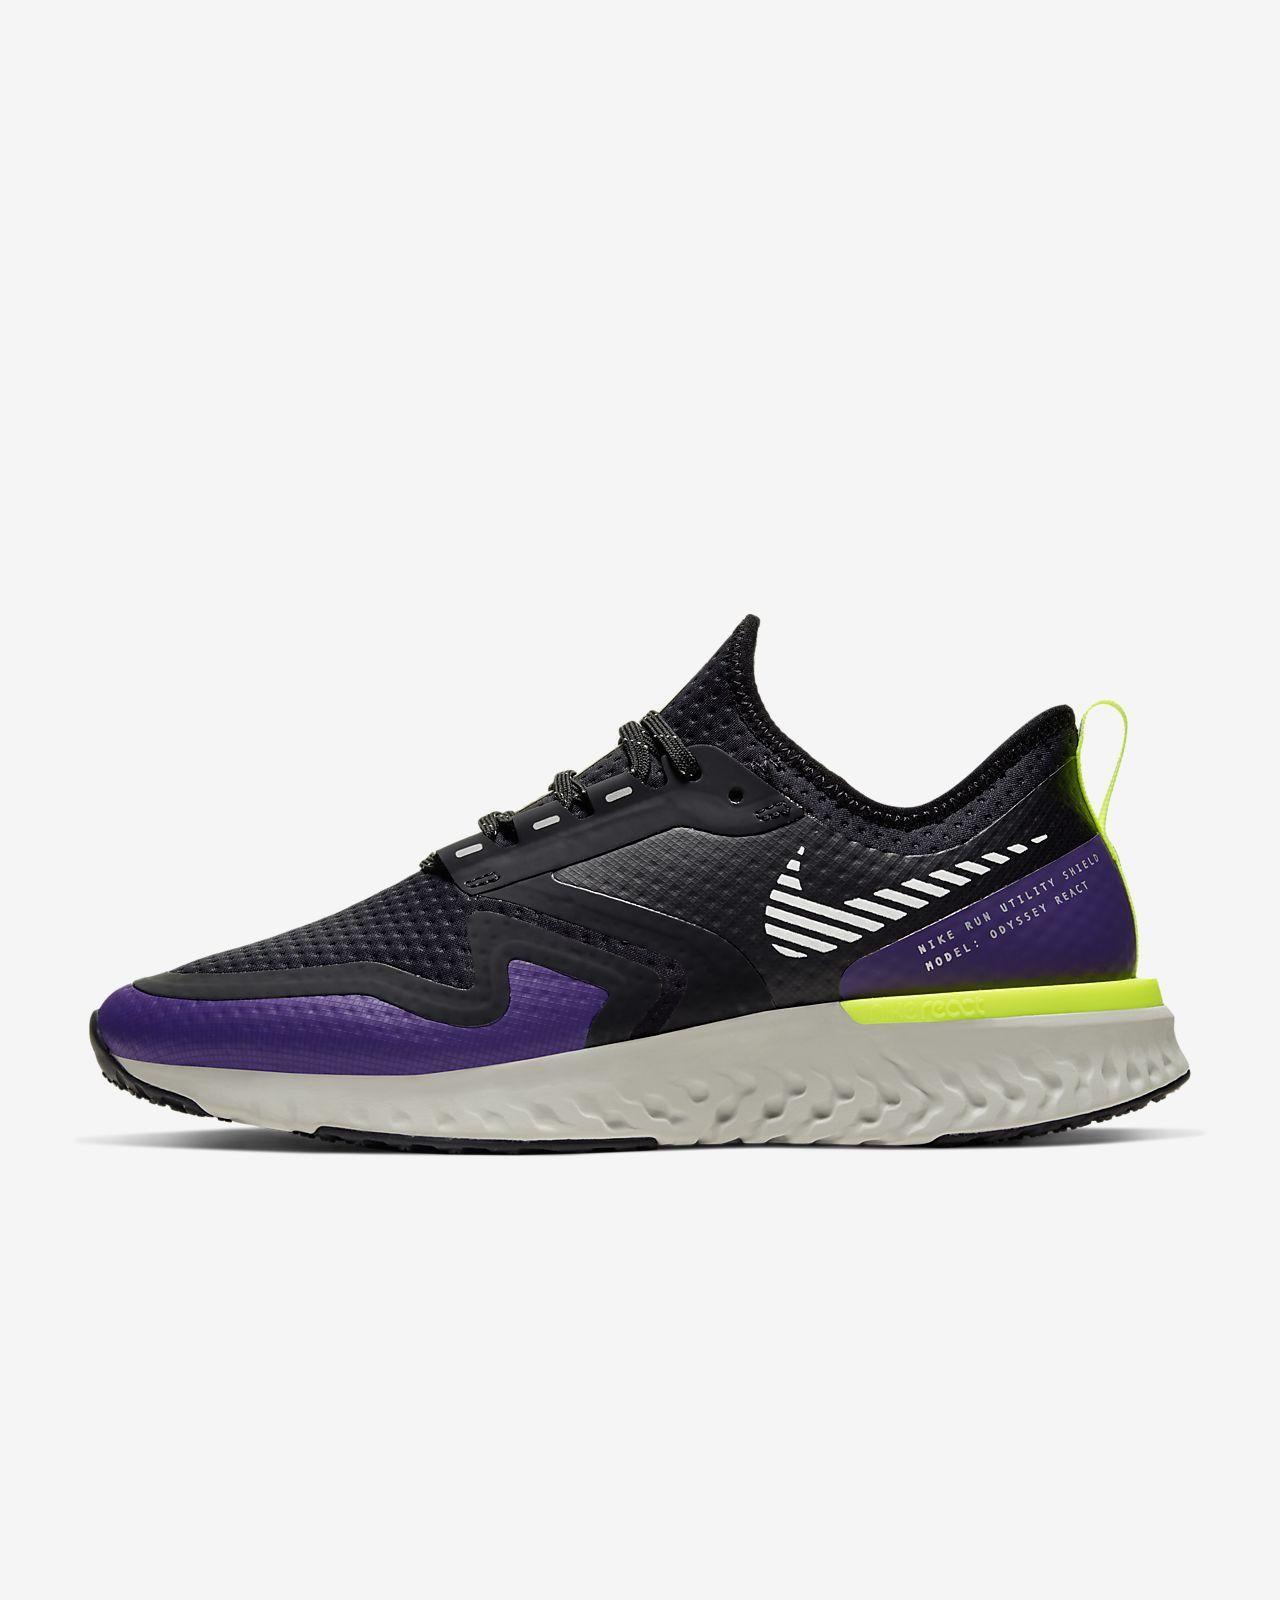 Löparsko Nike Odyssey React Shield 2 för kvinnor